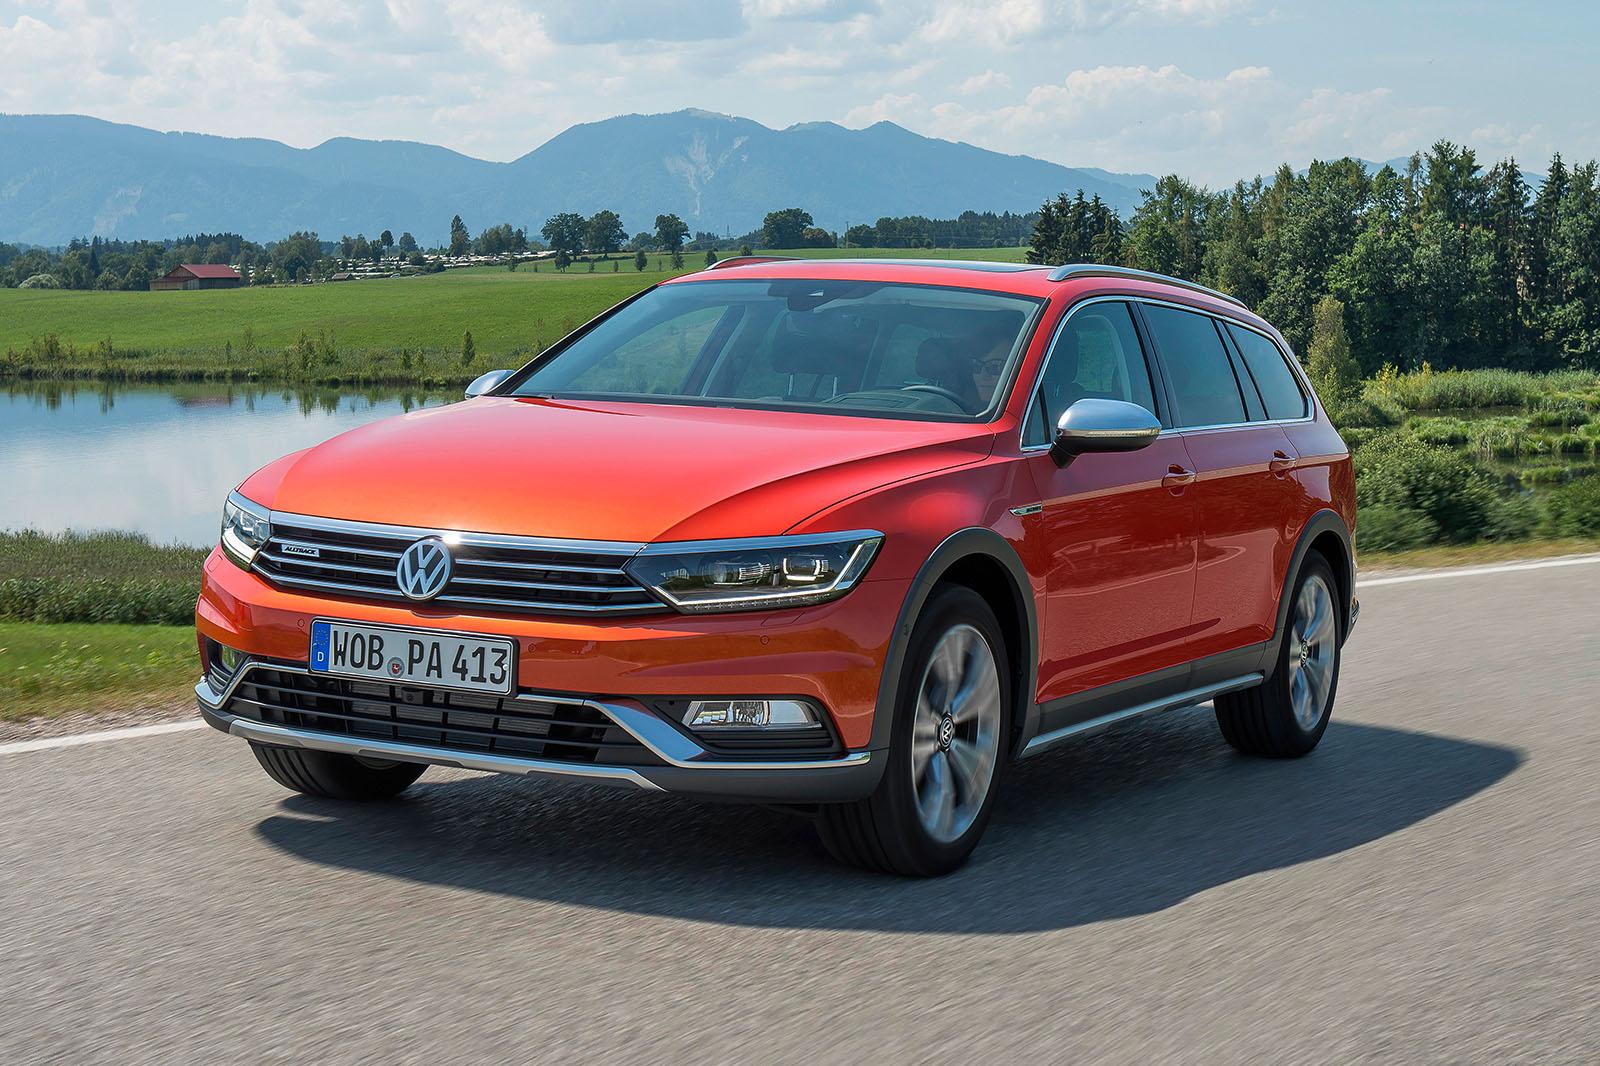 Volkswagen passat review 2017 autocar - Volkswagen Passat Review 2017 Autocar 14